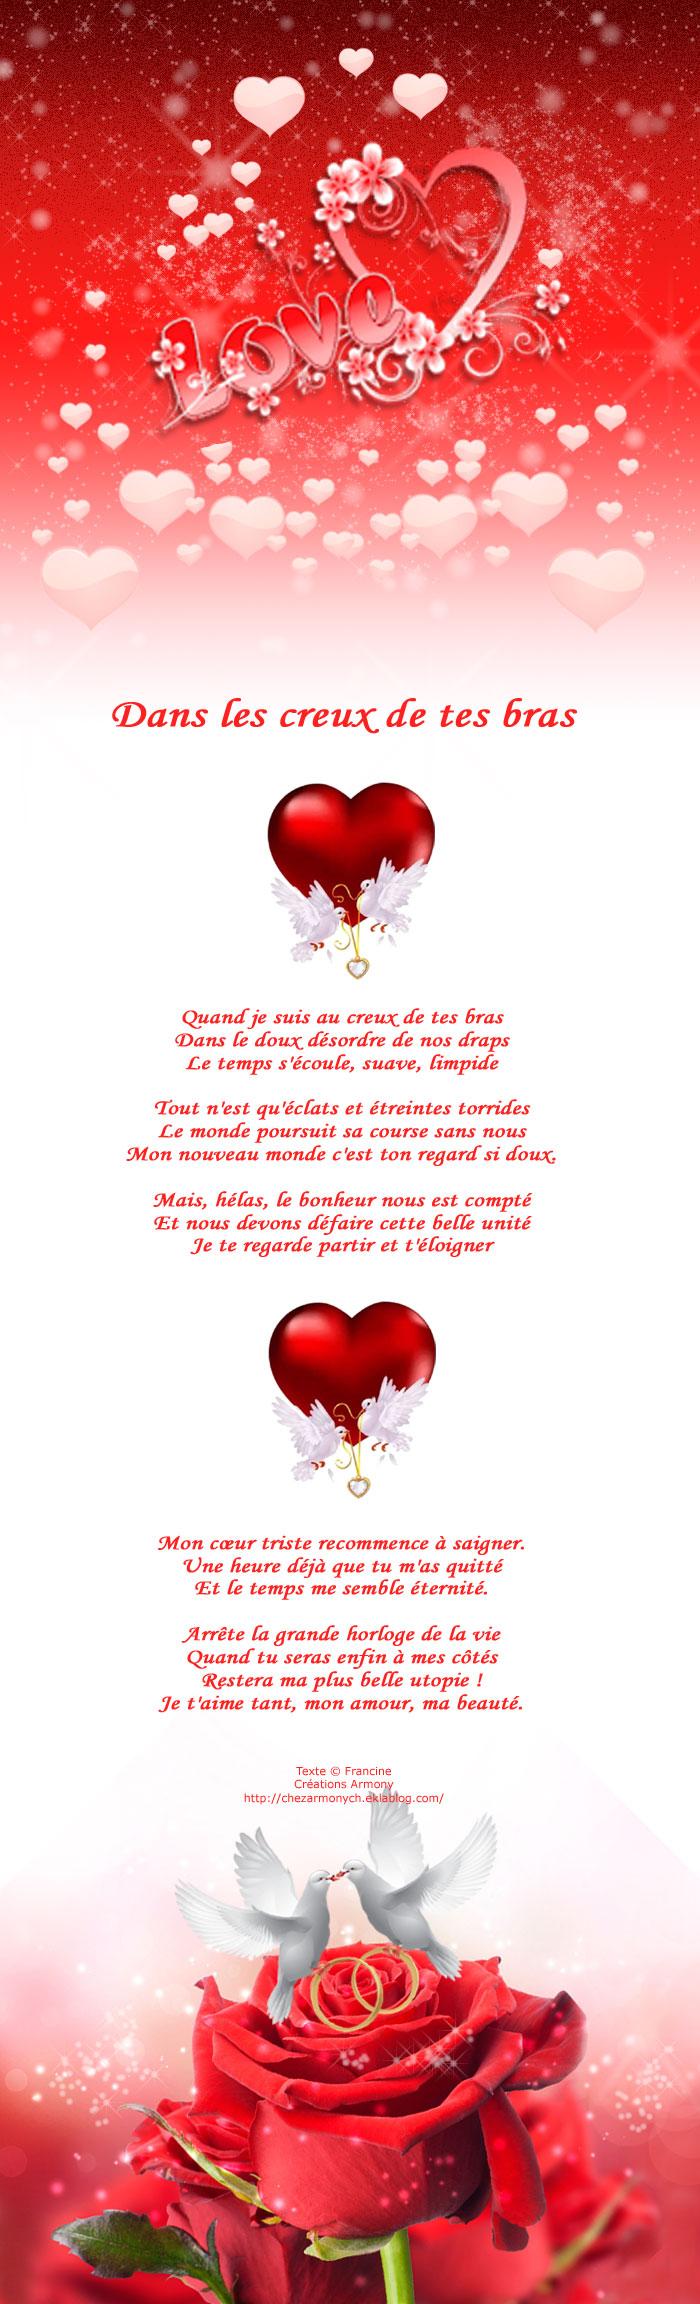 Poème st-valentin Dans les creux de tes bras